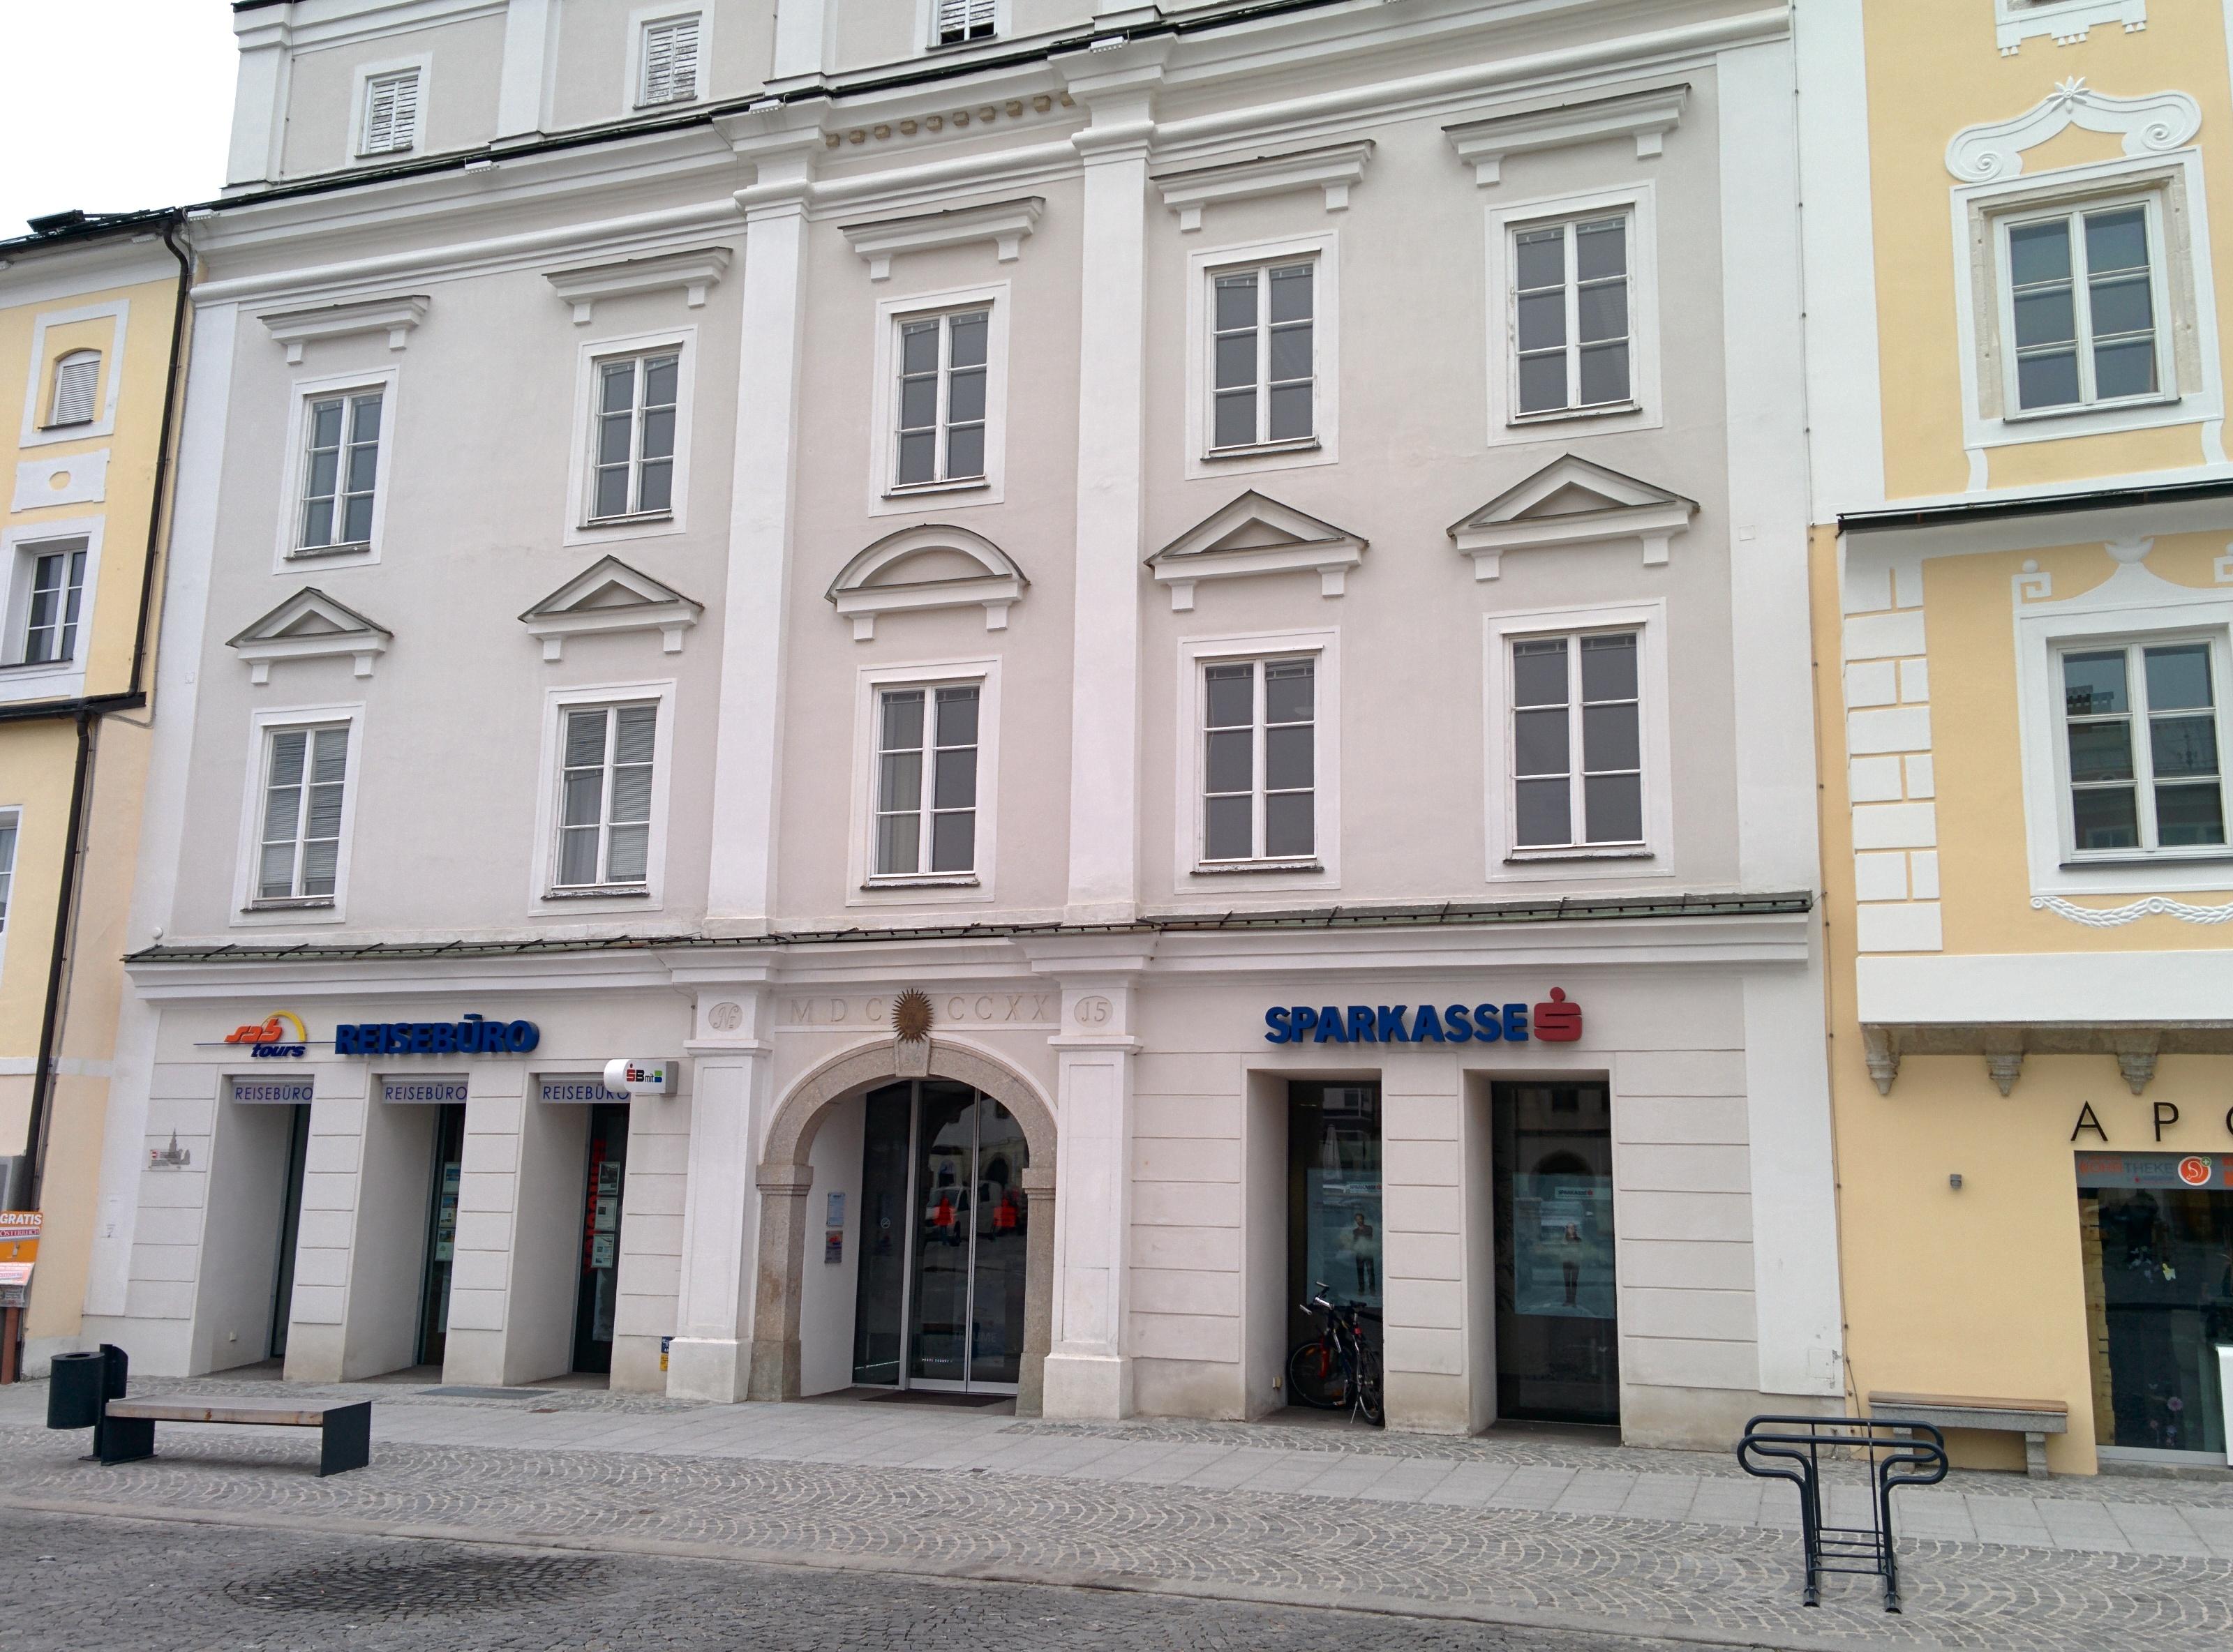 Allgemeine Sparkasse Oberösterreich BankAG, Zweigniederlassung Freistadt